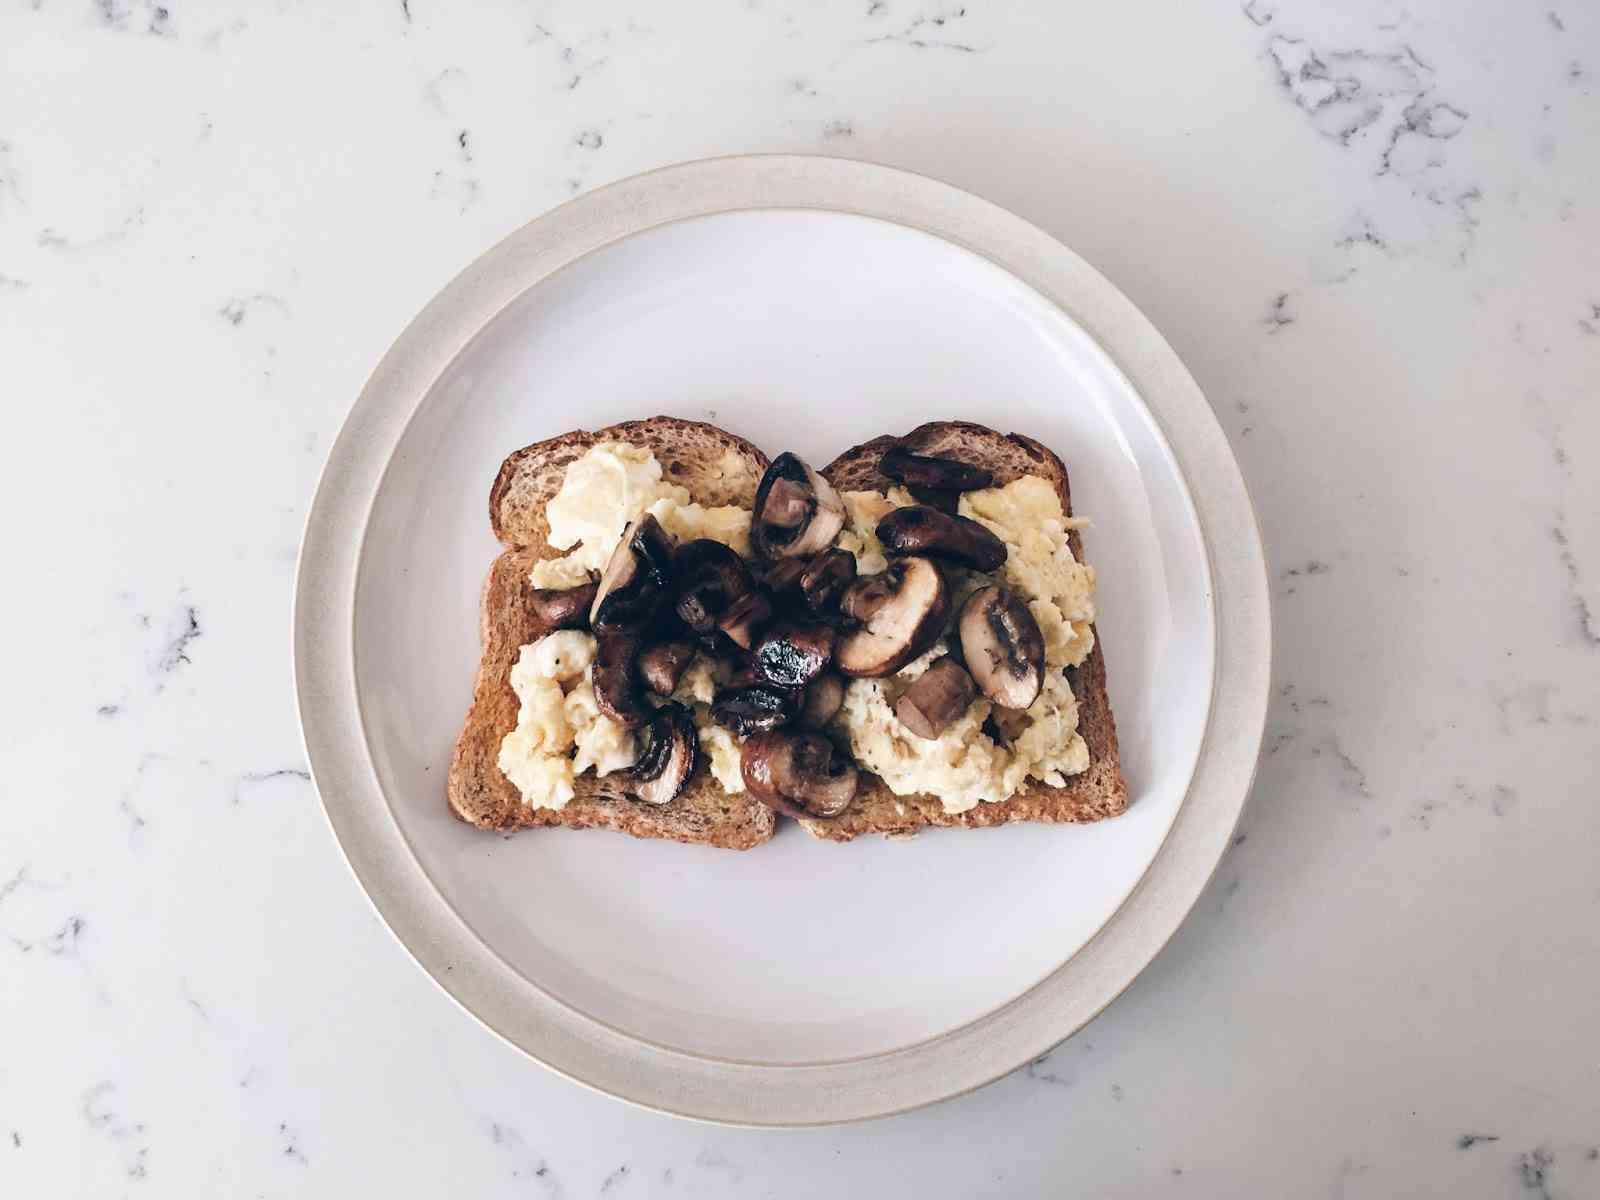 Scrambled egg and mushroom on toast